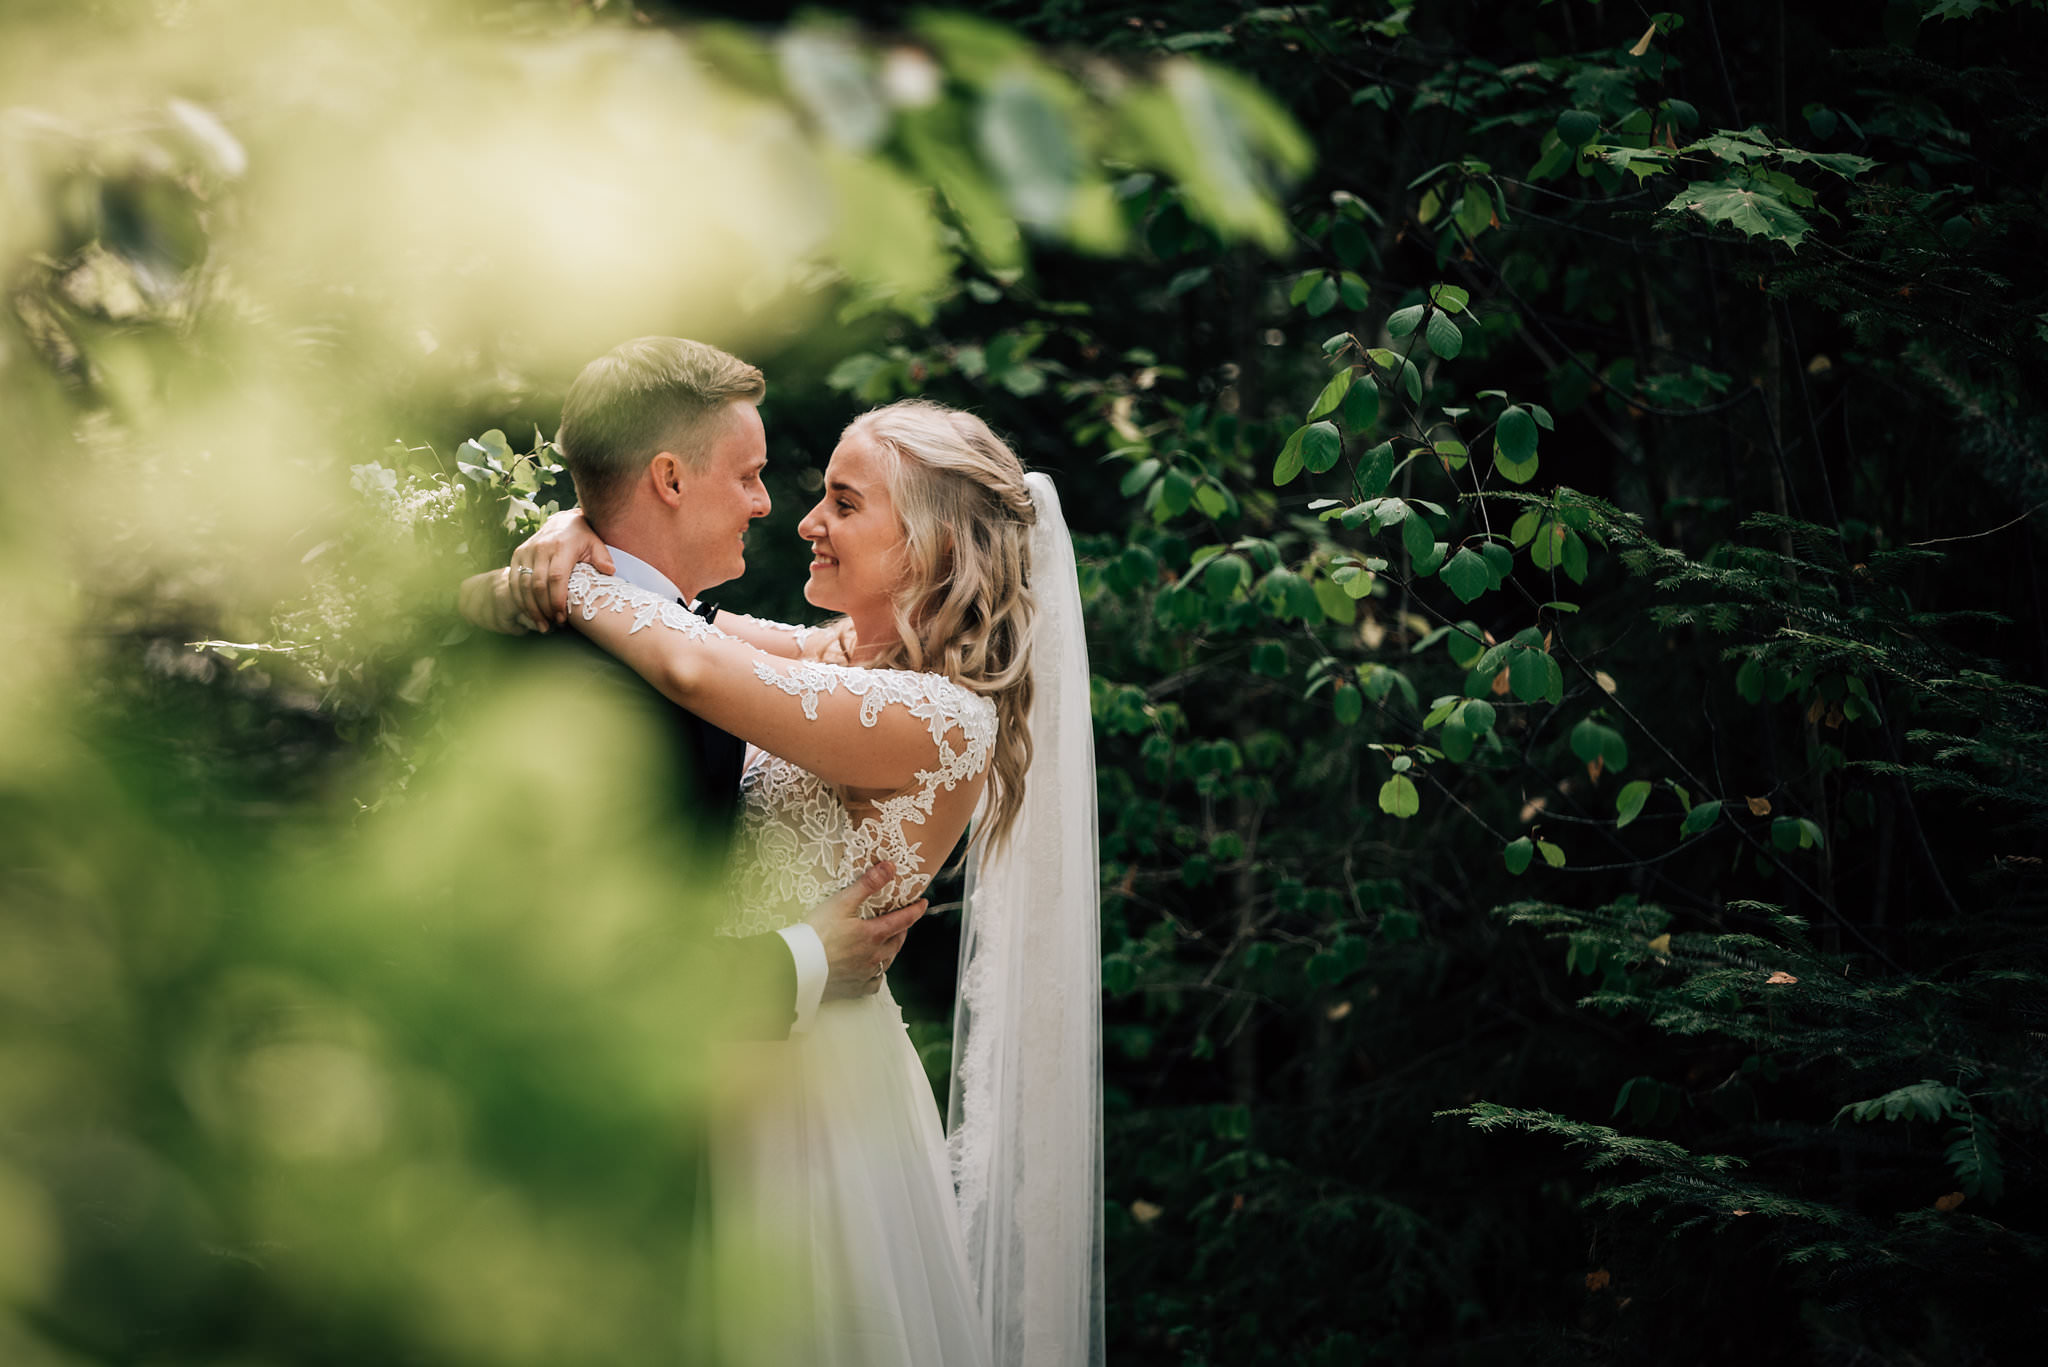 oslo-fotograf-bryllup-17